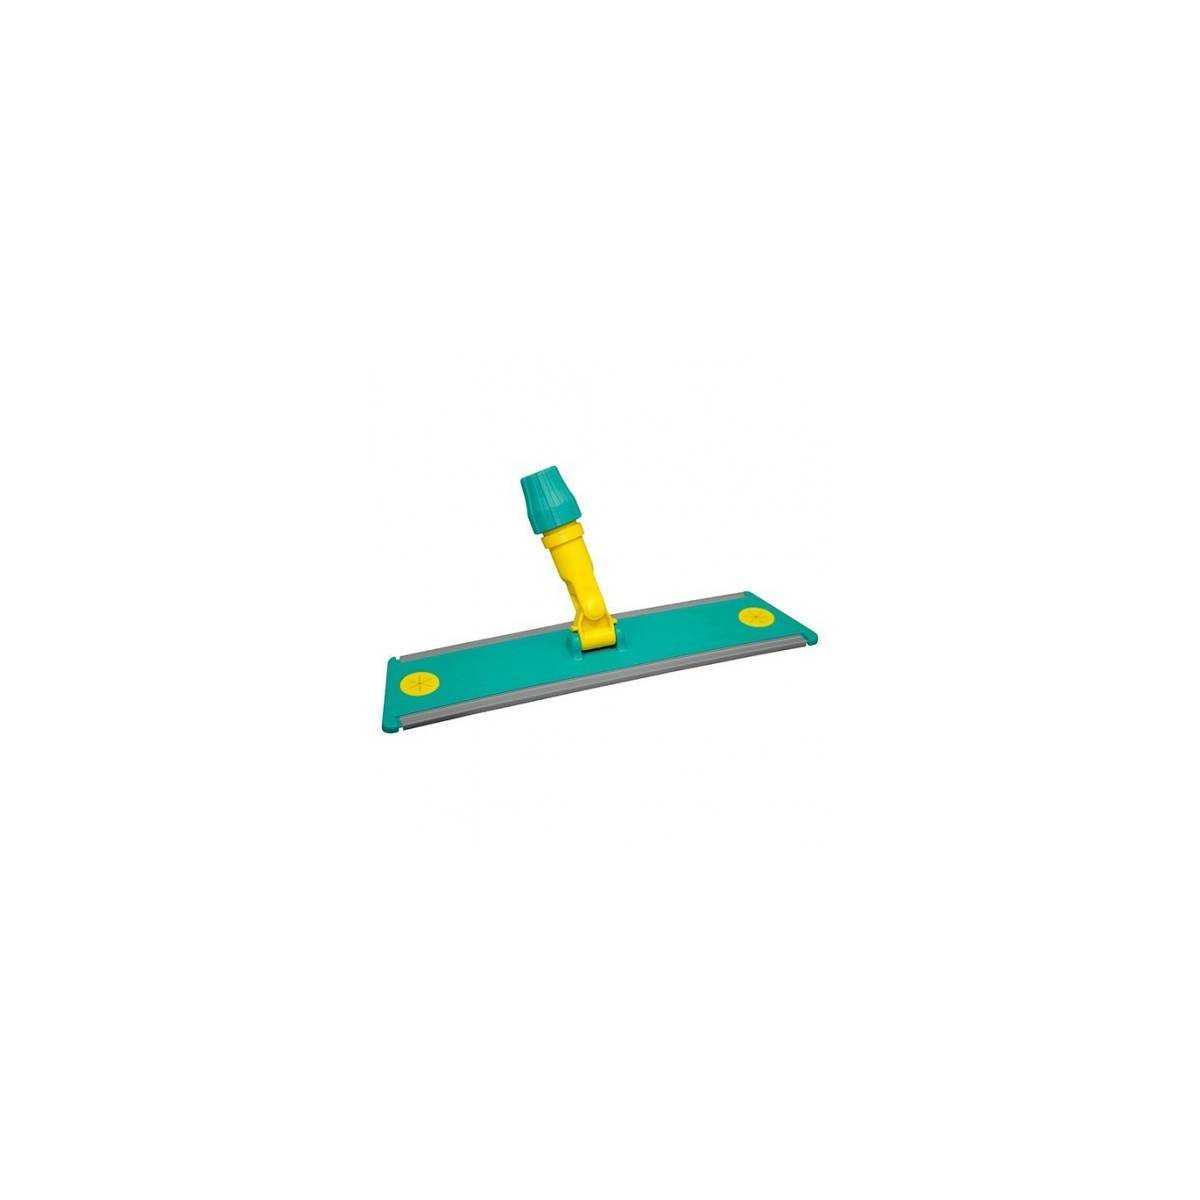 Основа Velcro 40см (Цвет зеленый) 887 TTS